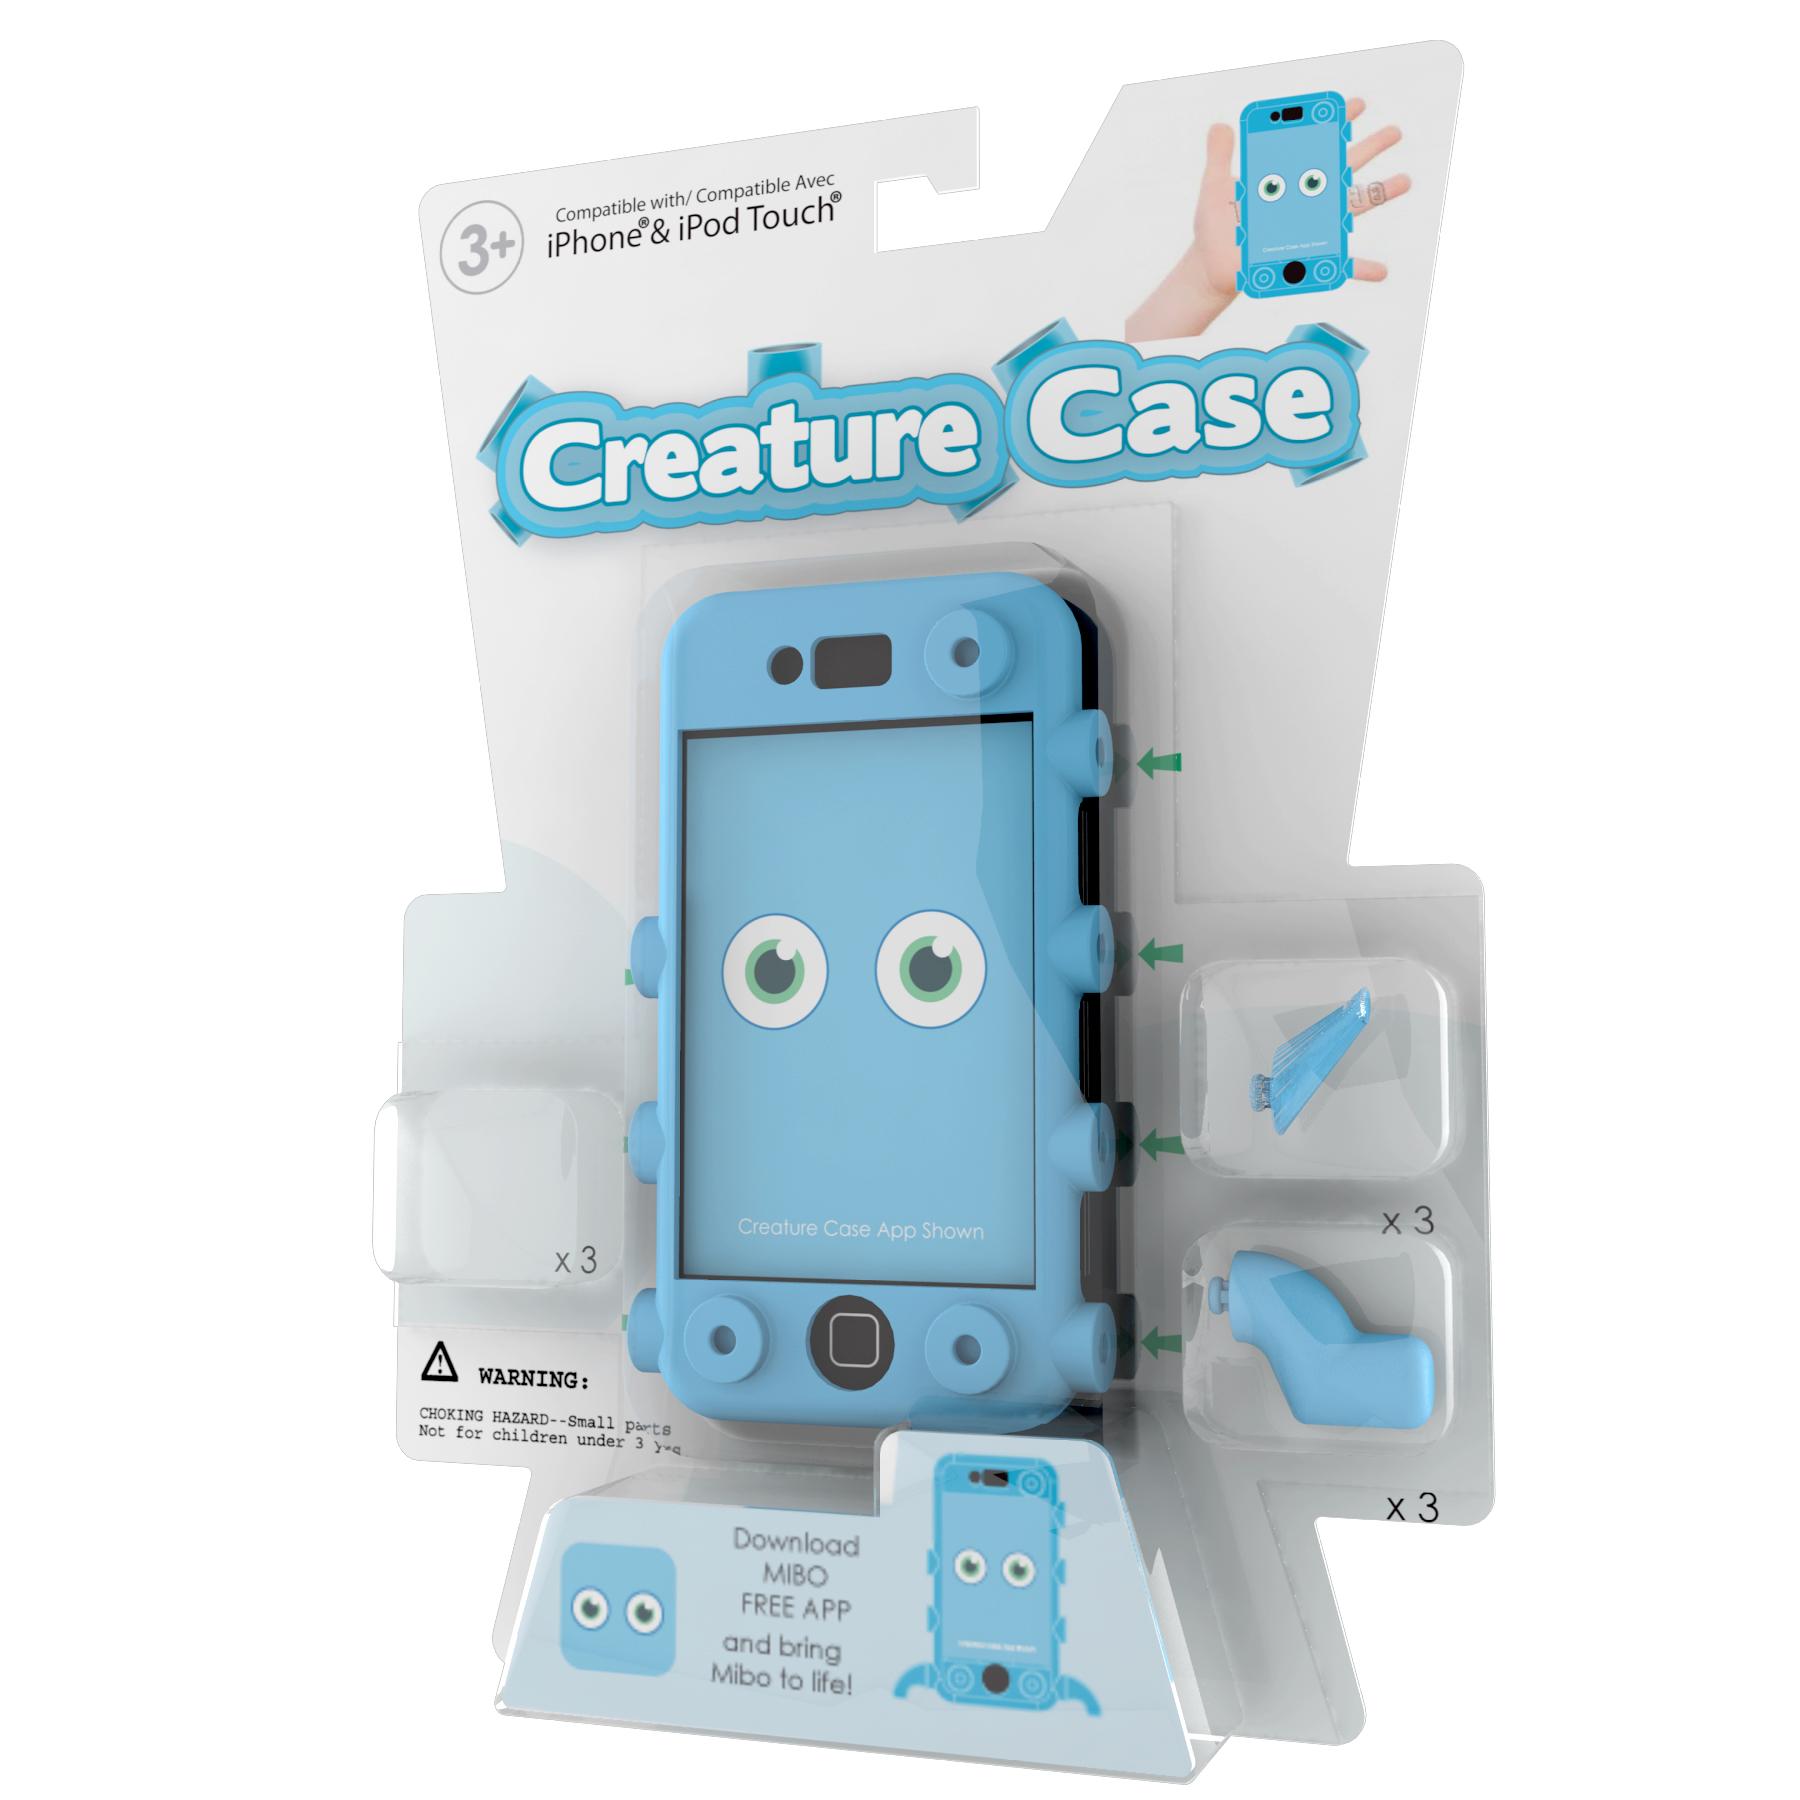 Creature Case